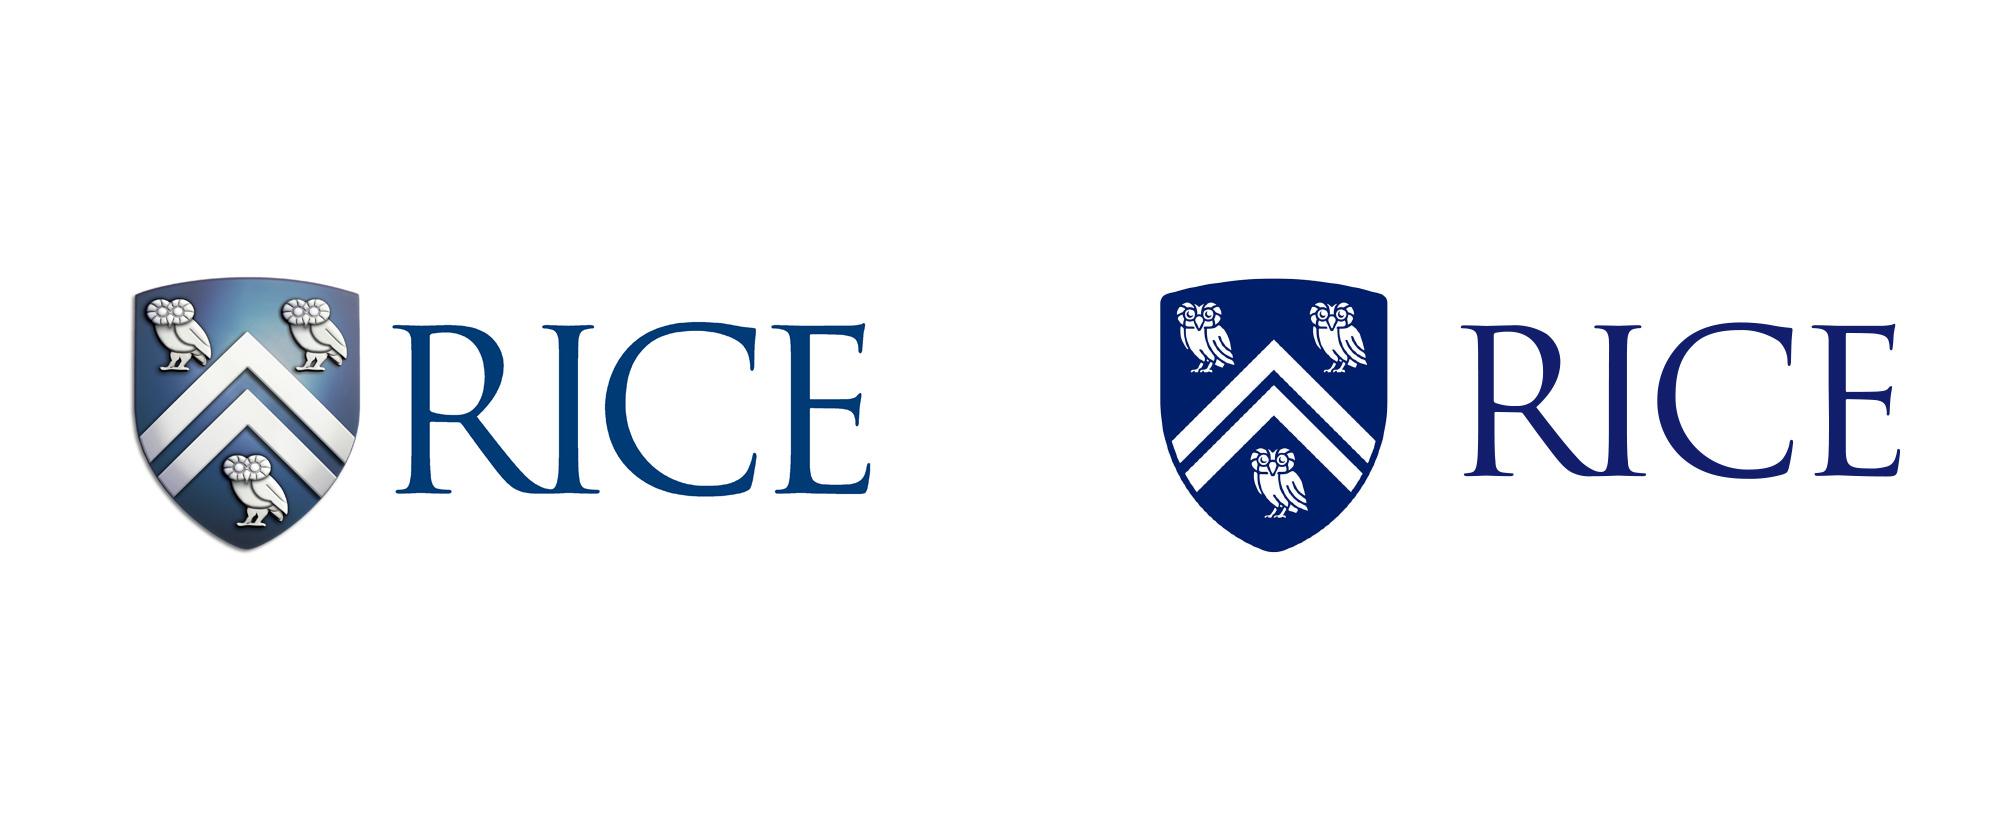 莱斯大学vi设计,品牌形象改造